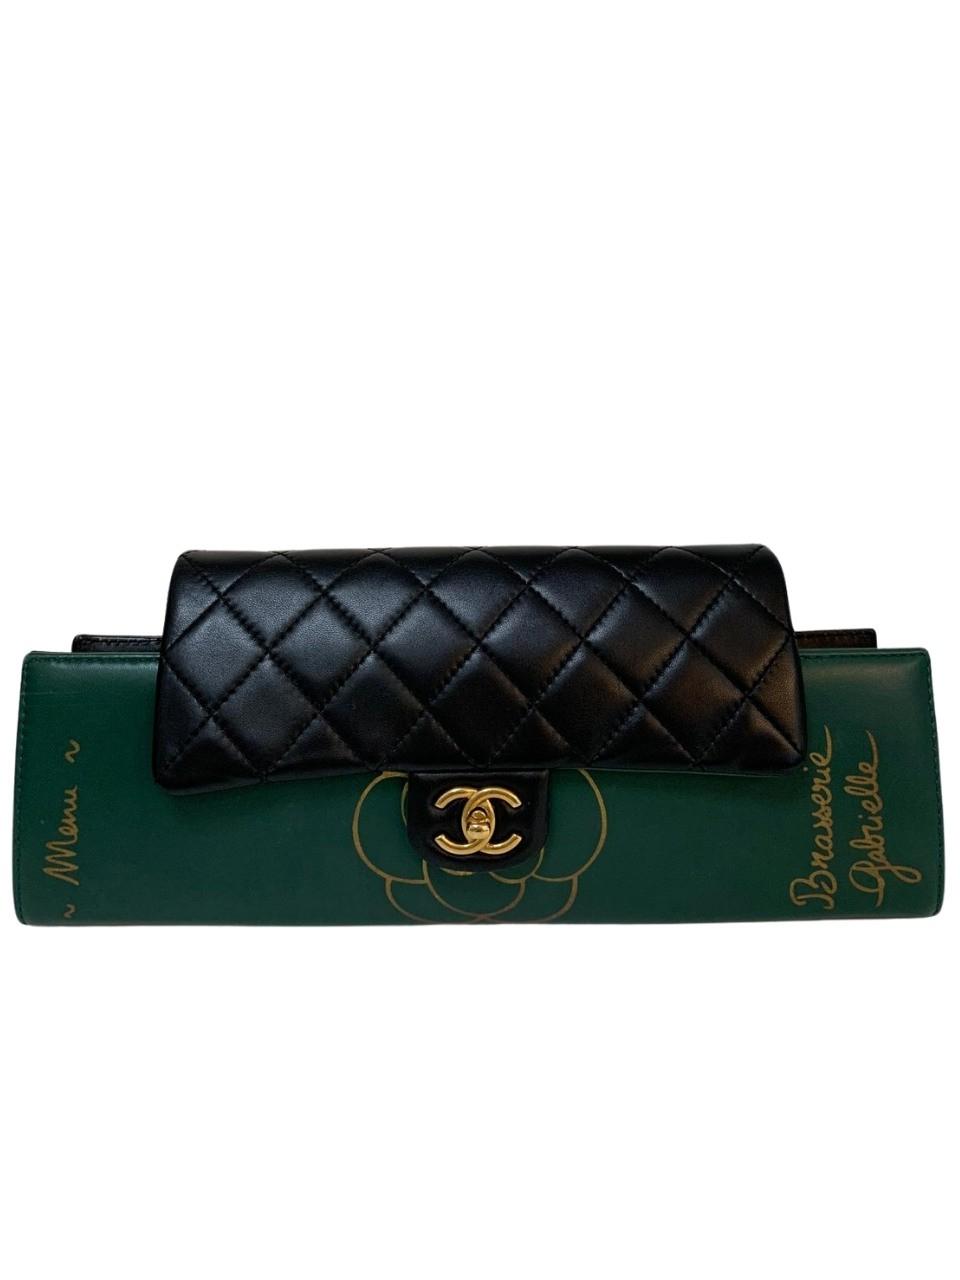 Bolsa Chanel Gabrielle Menu Verde com Preto